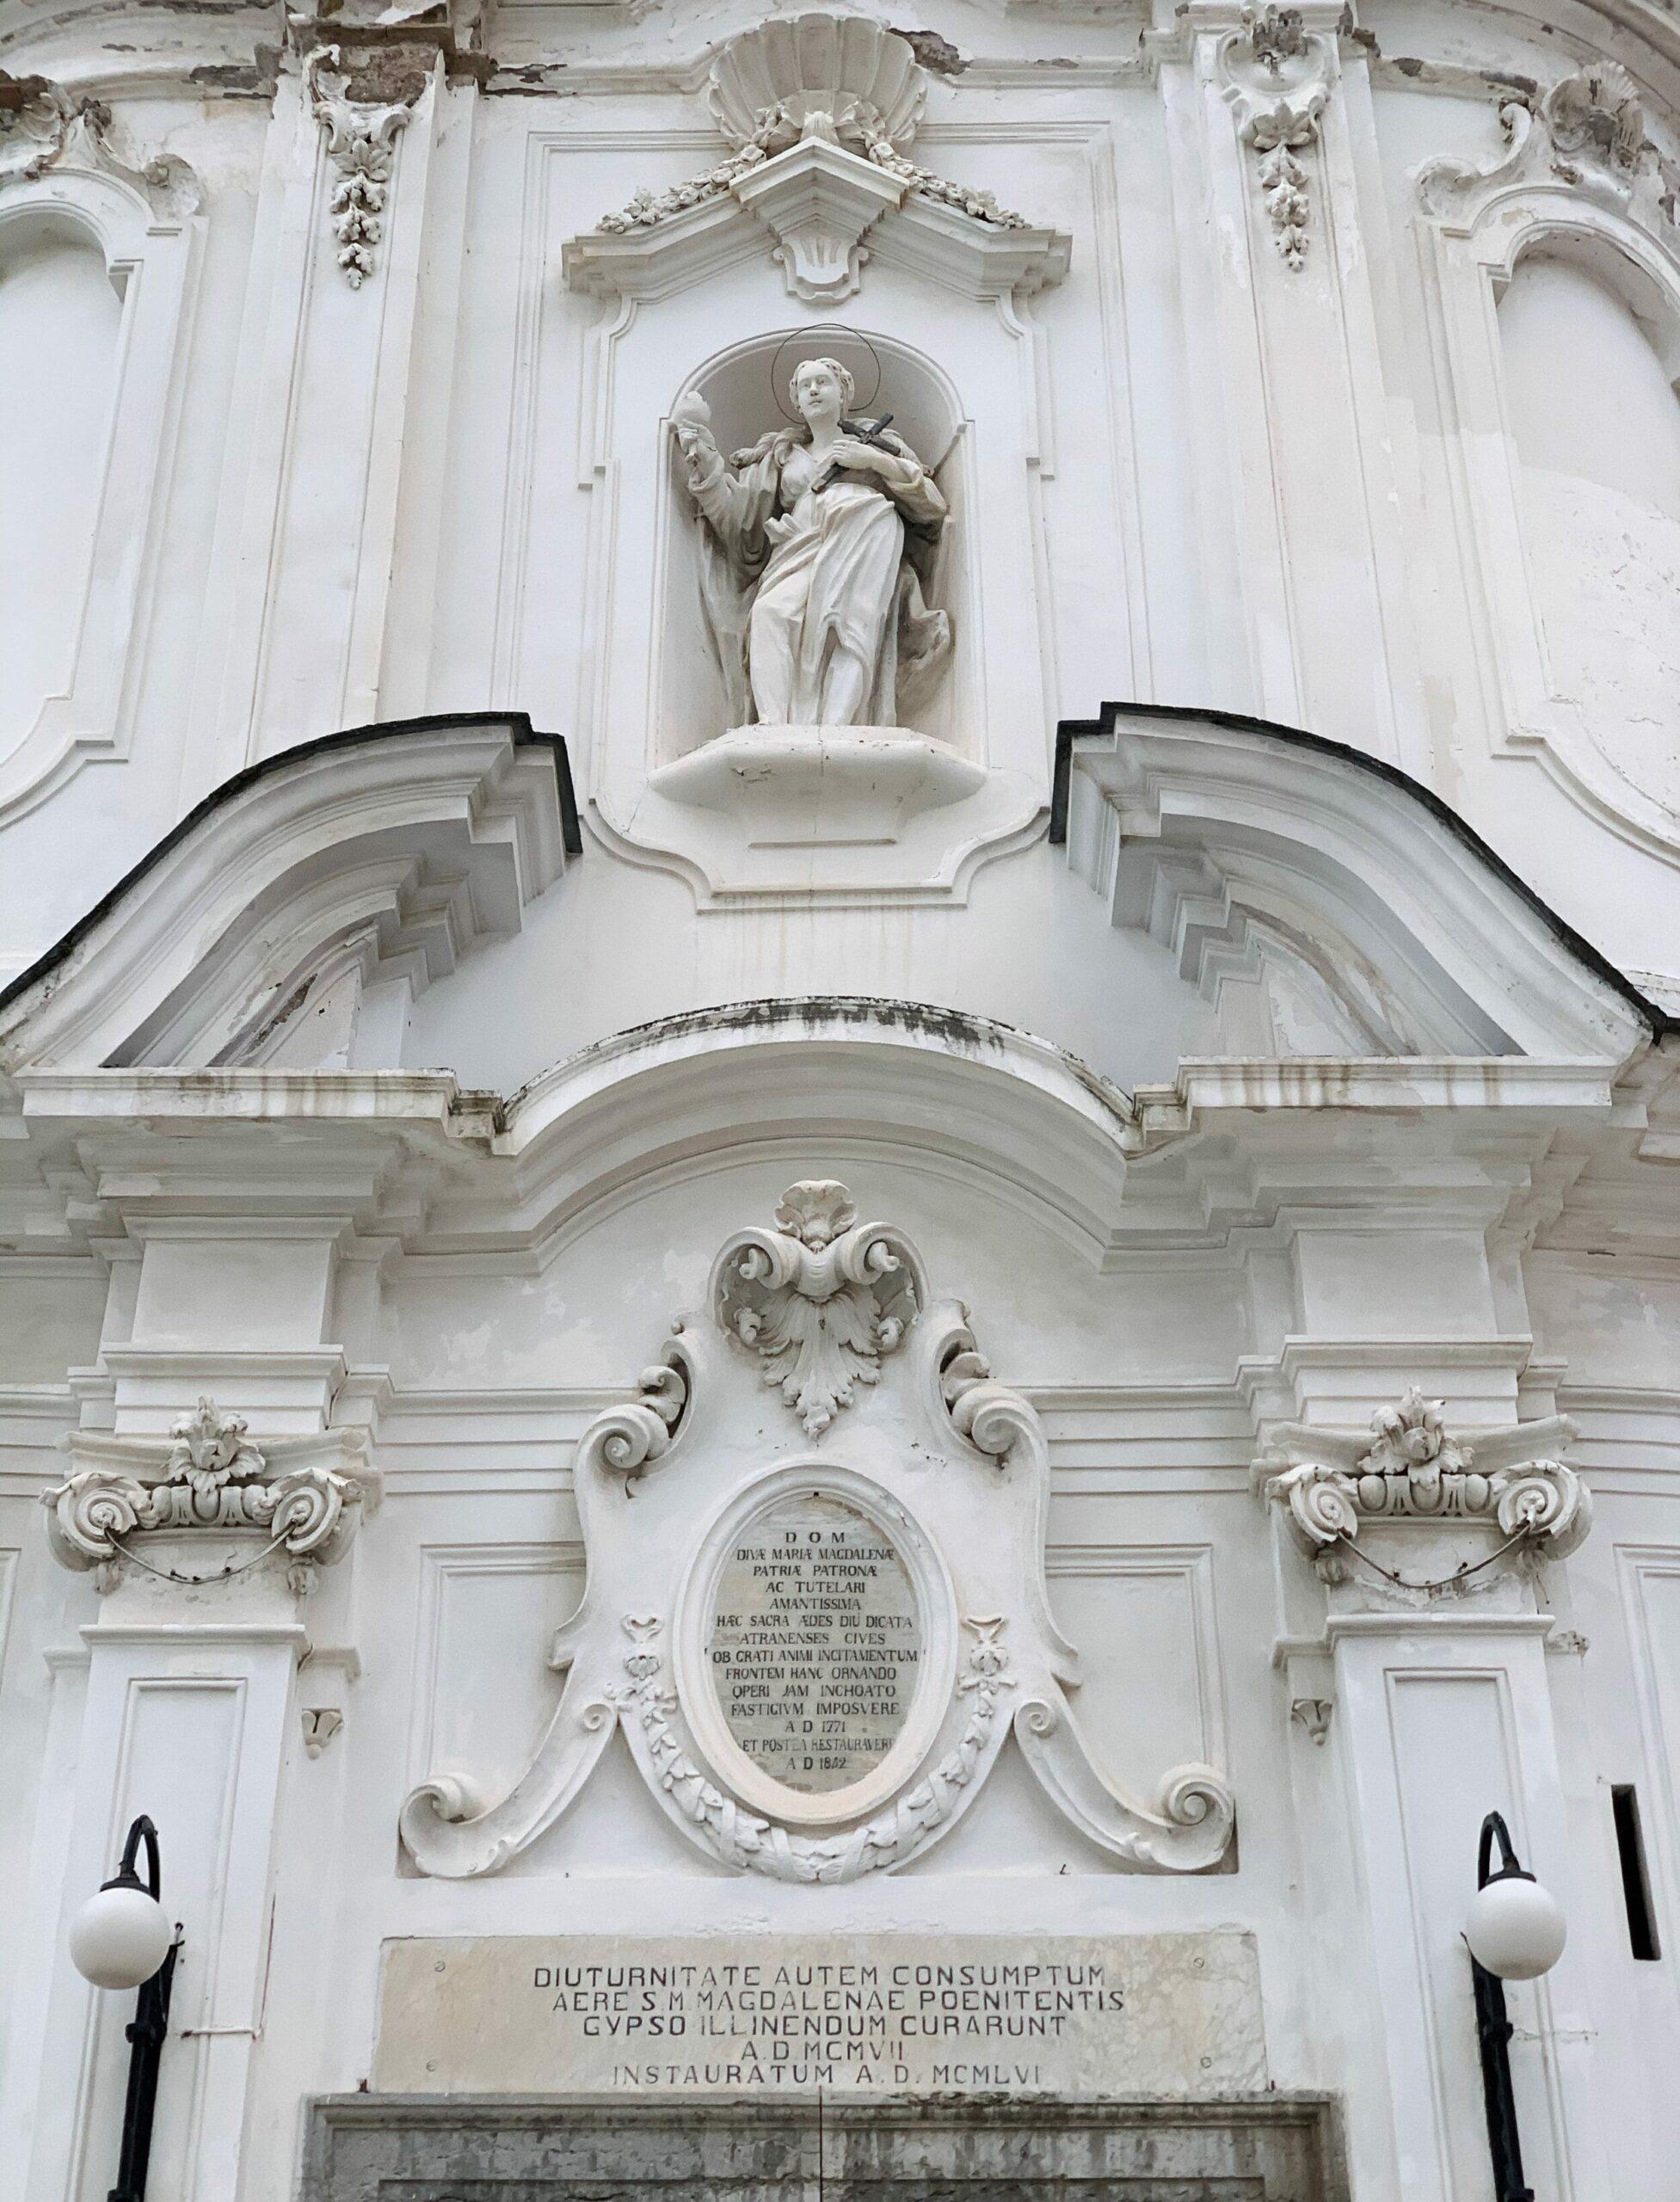 Церковь посвященная Святой Марии Магдалены в Атрани